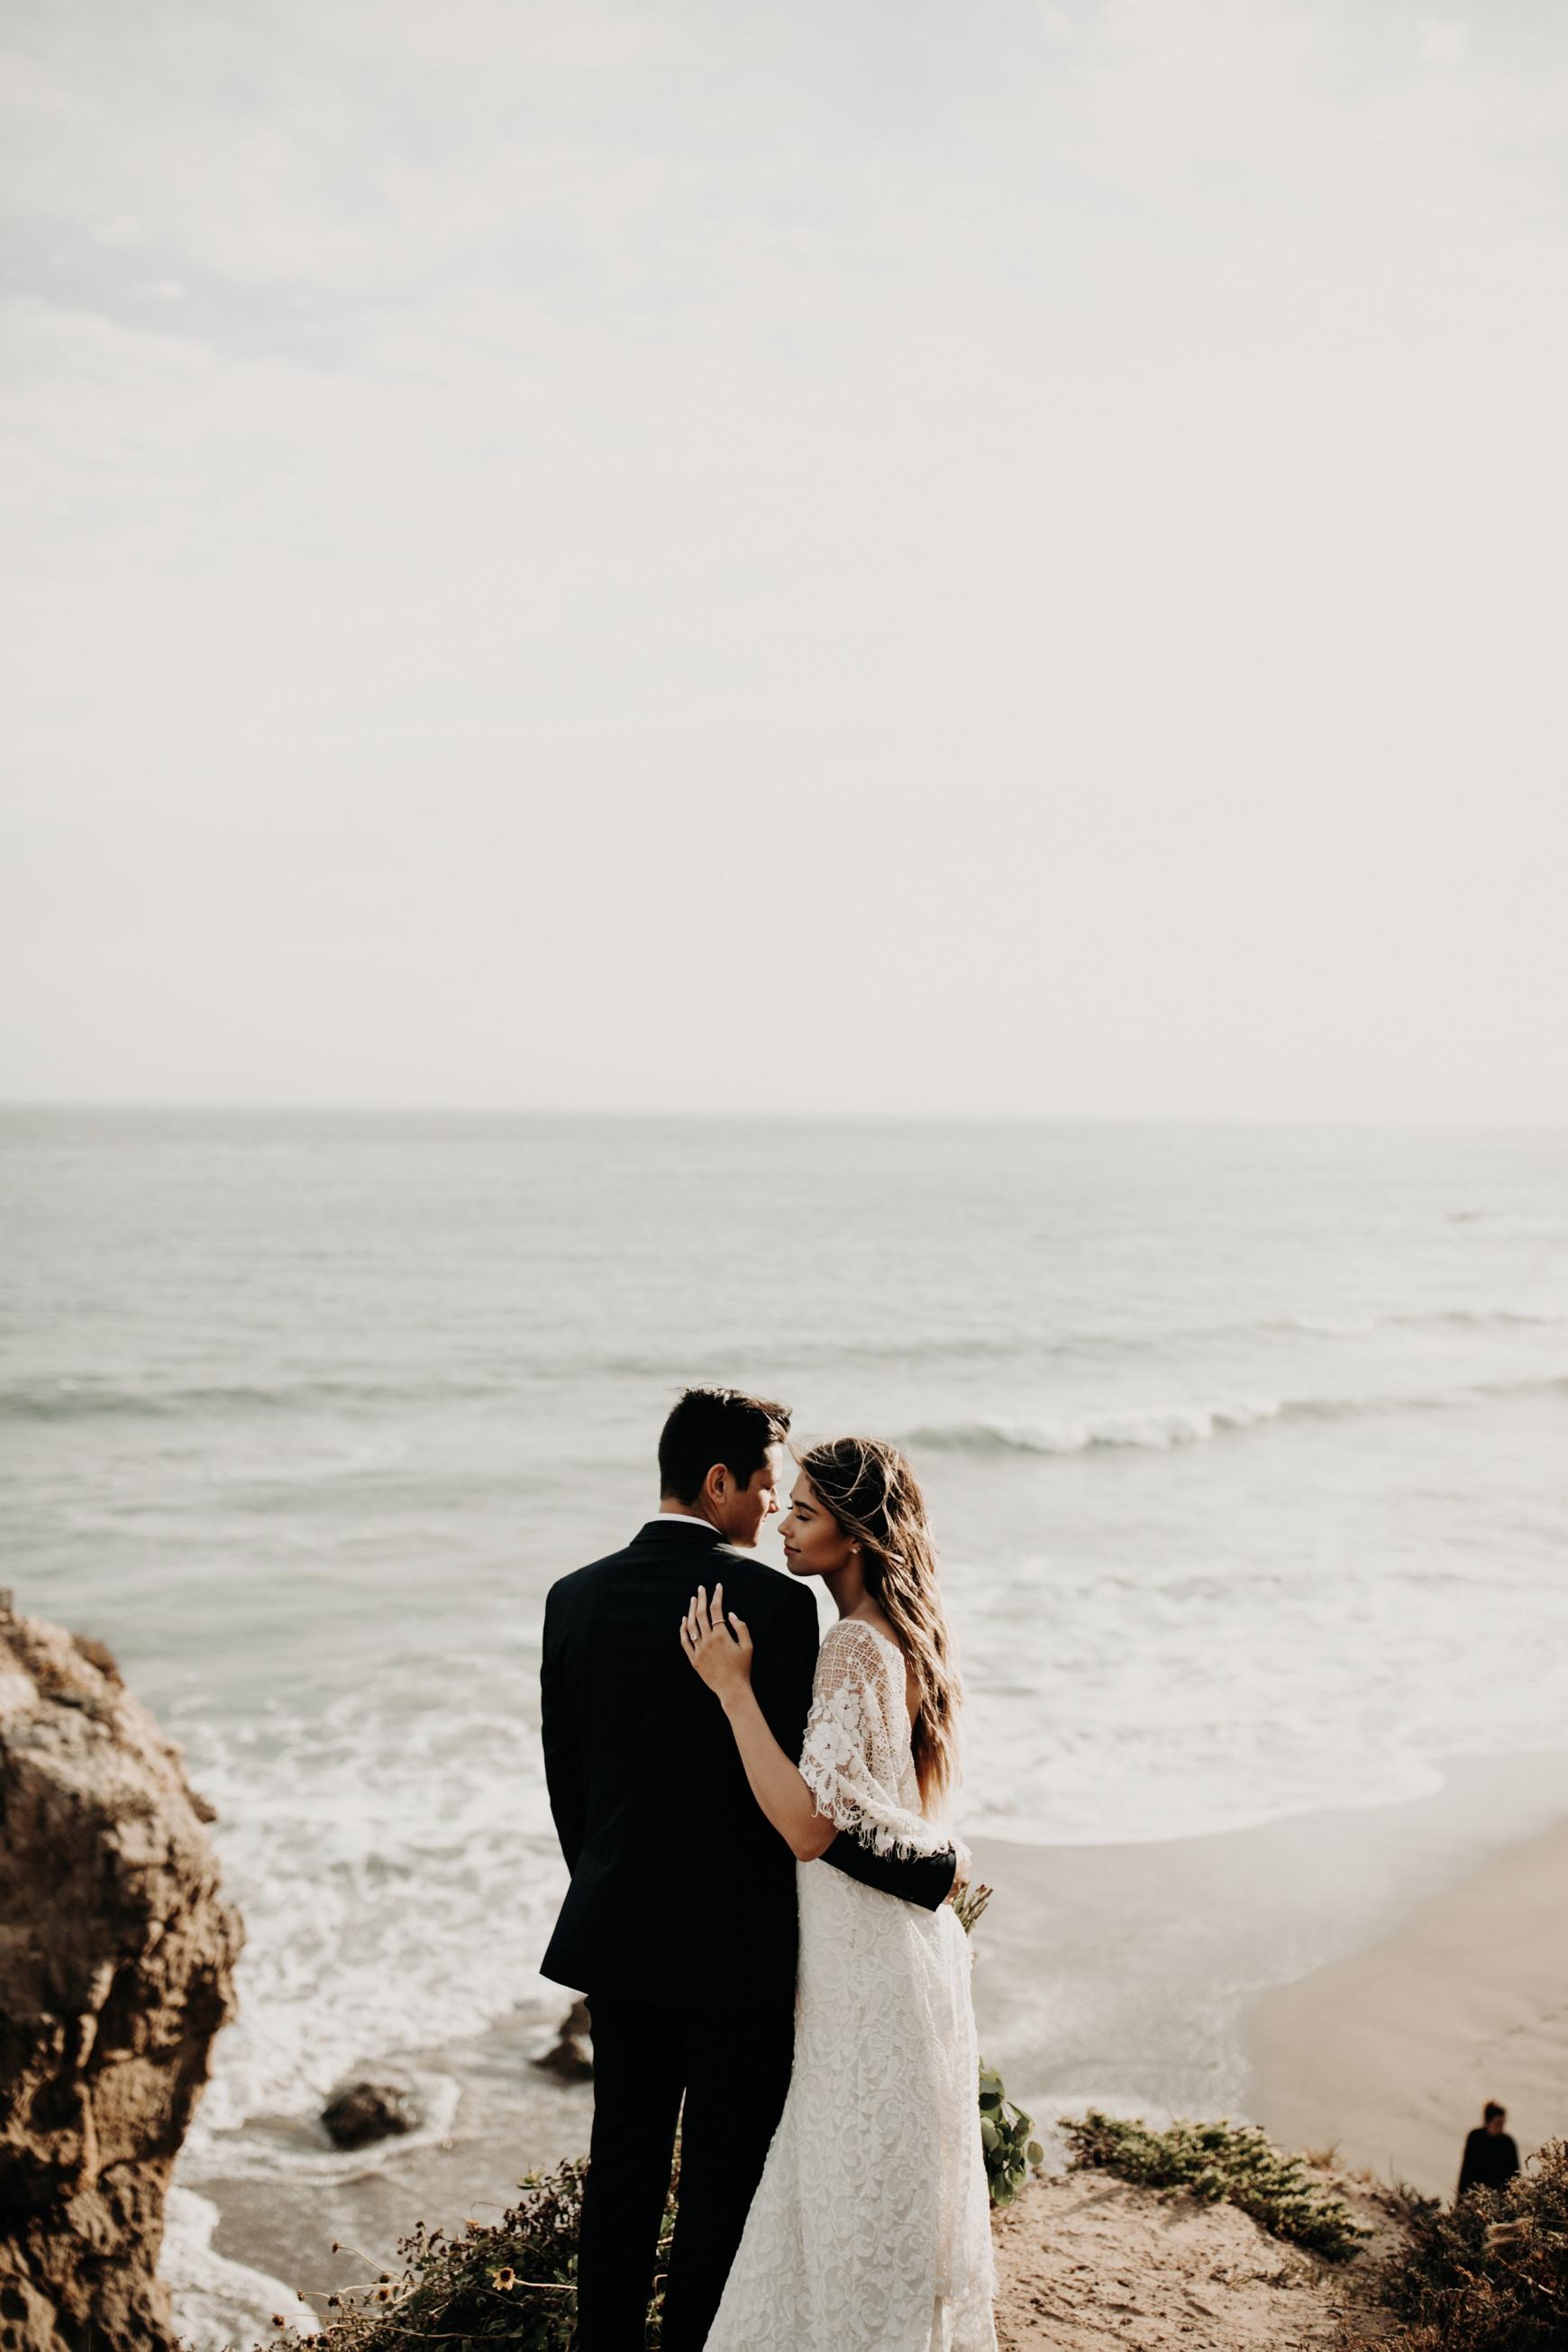 El Matador Beach Bridal Portraits Justellen & TJ Emily Magers Photography-167Emily Magers Photography.jpg